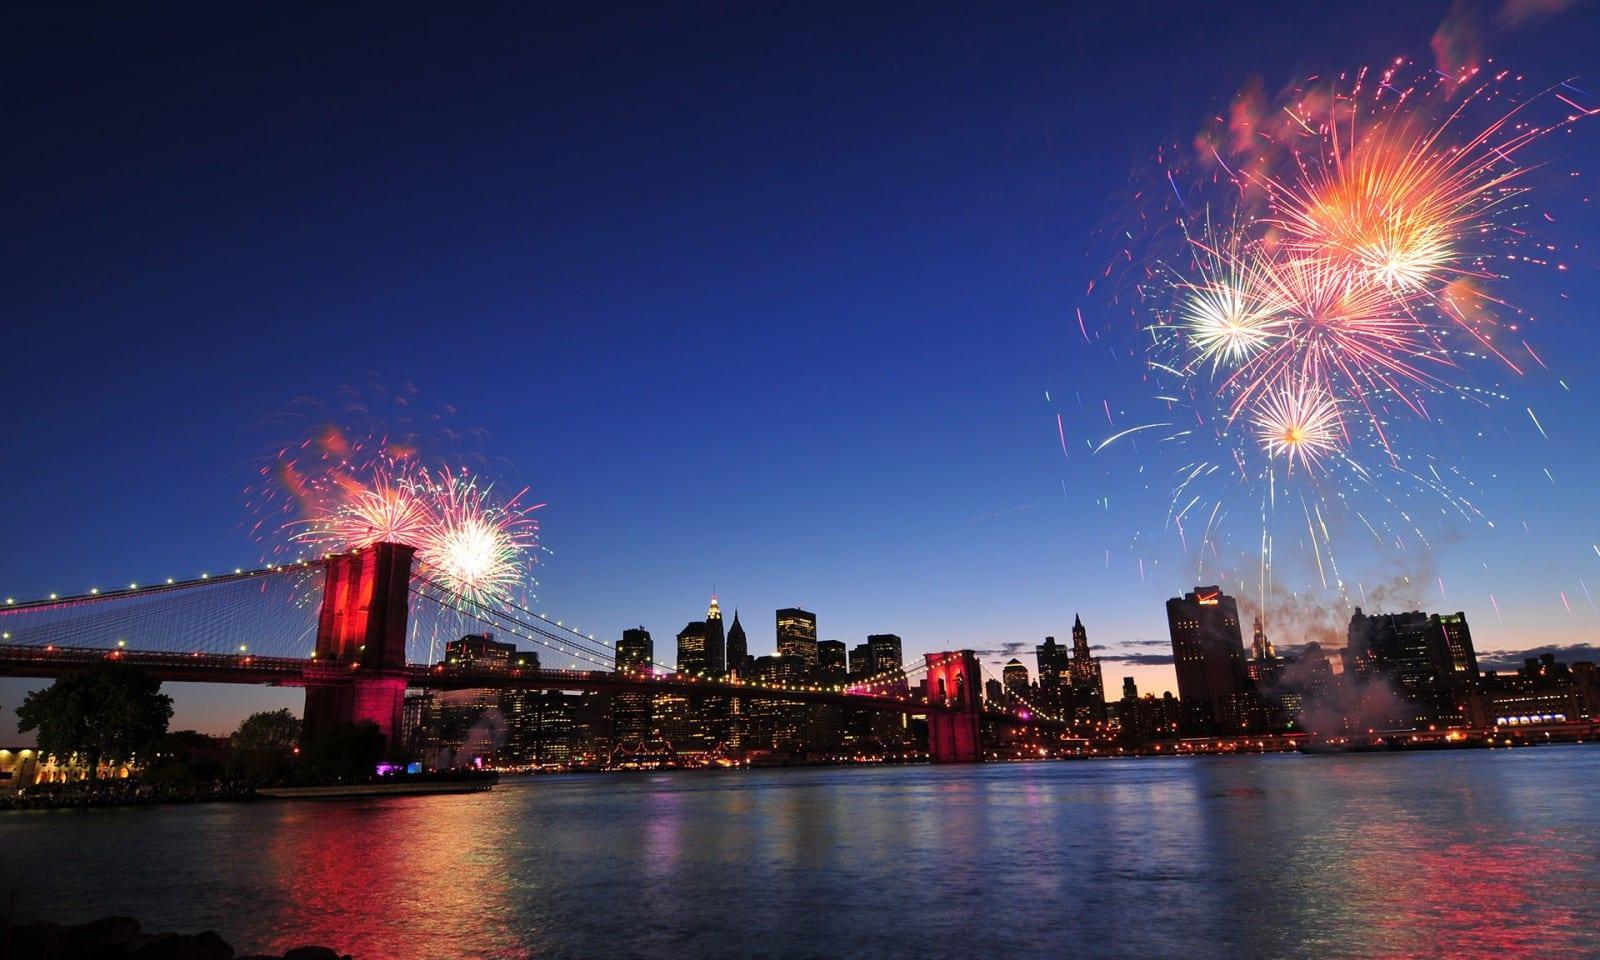 4th-july-feuerwerk-independence-day